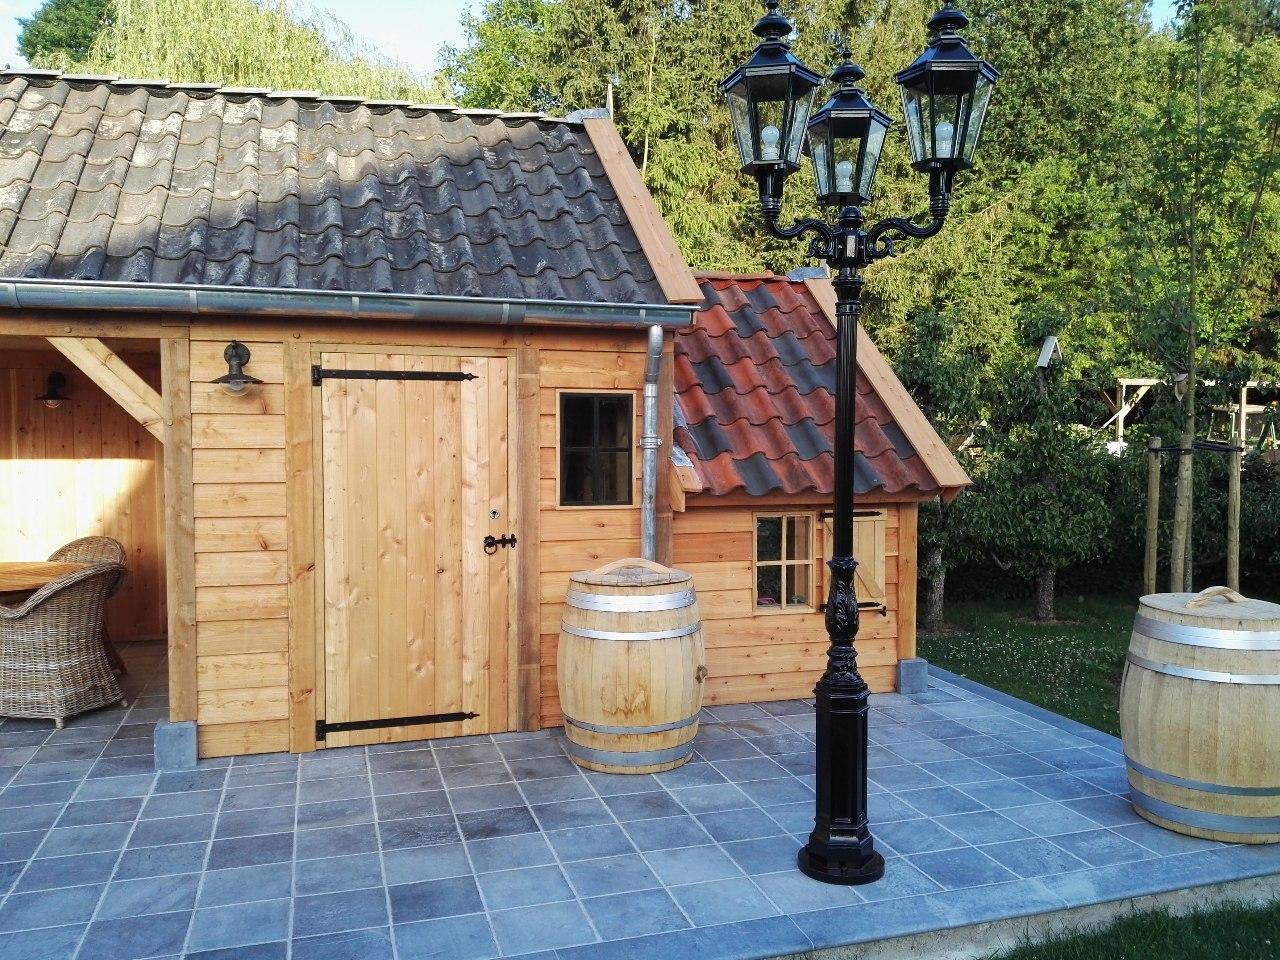 houten-tuinhuis-met-tuinkamer-3 - Project Lummen: Houten tuinhuis met tuinkamer